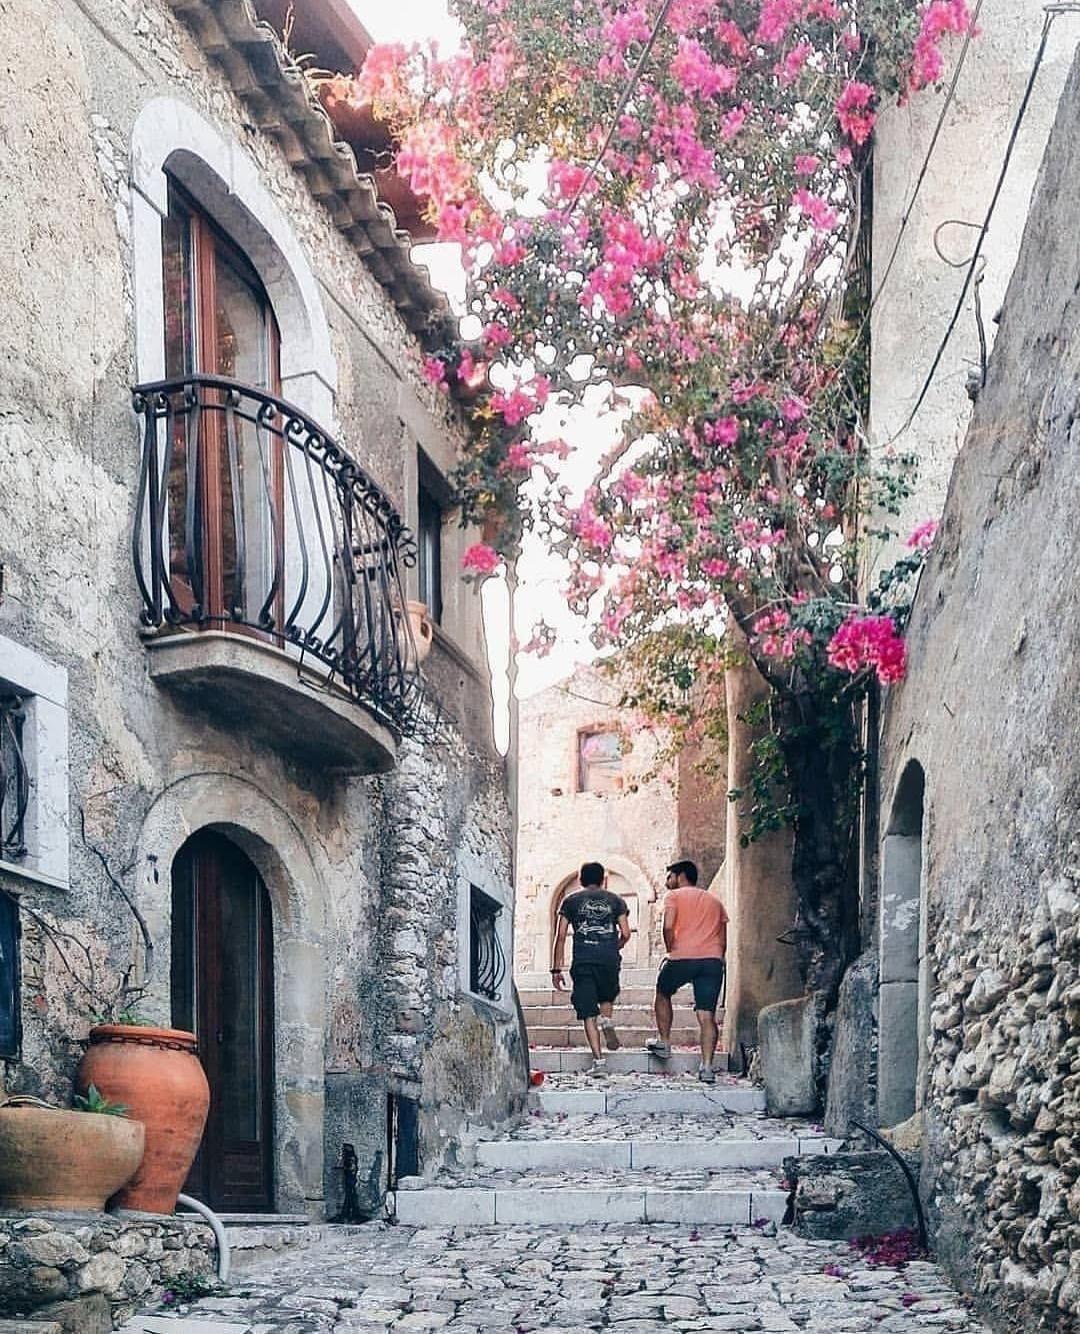 """Có gì tại hòn đảo được mệnh danh là """"thánh địa mafia"""" kì lạ hút hàng triệu du khách mỗi năm ở Ý? - Ảnh 9."""